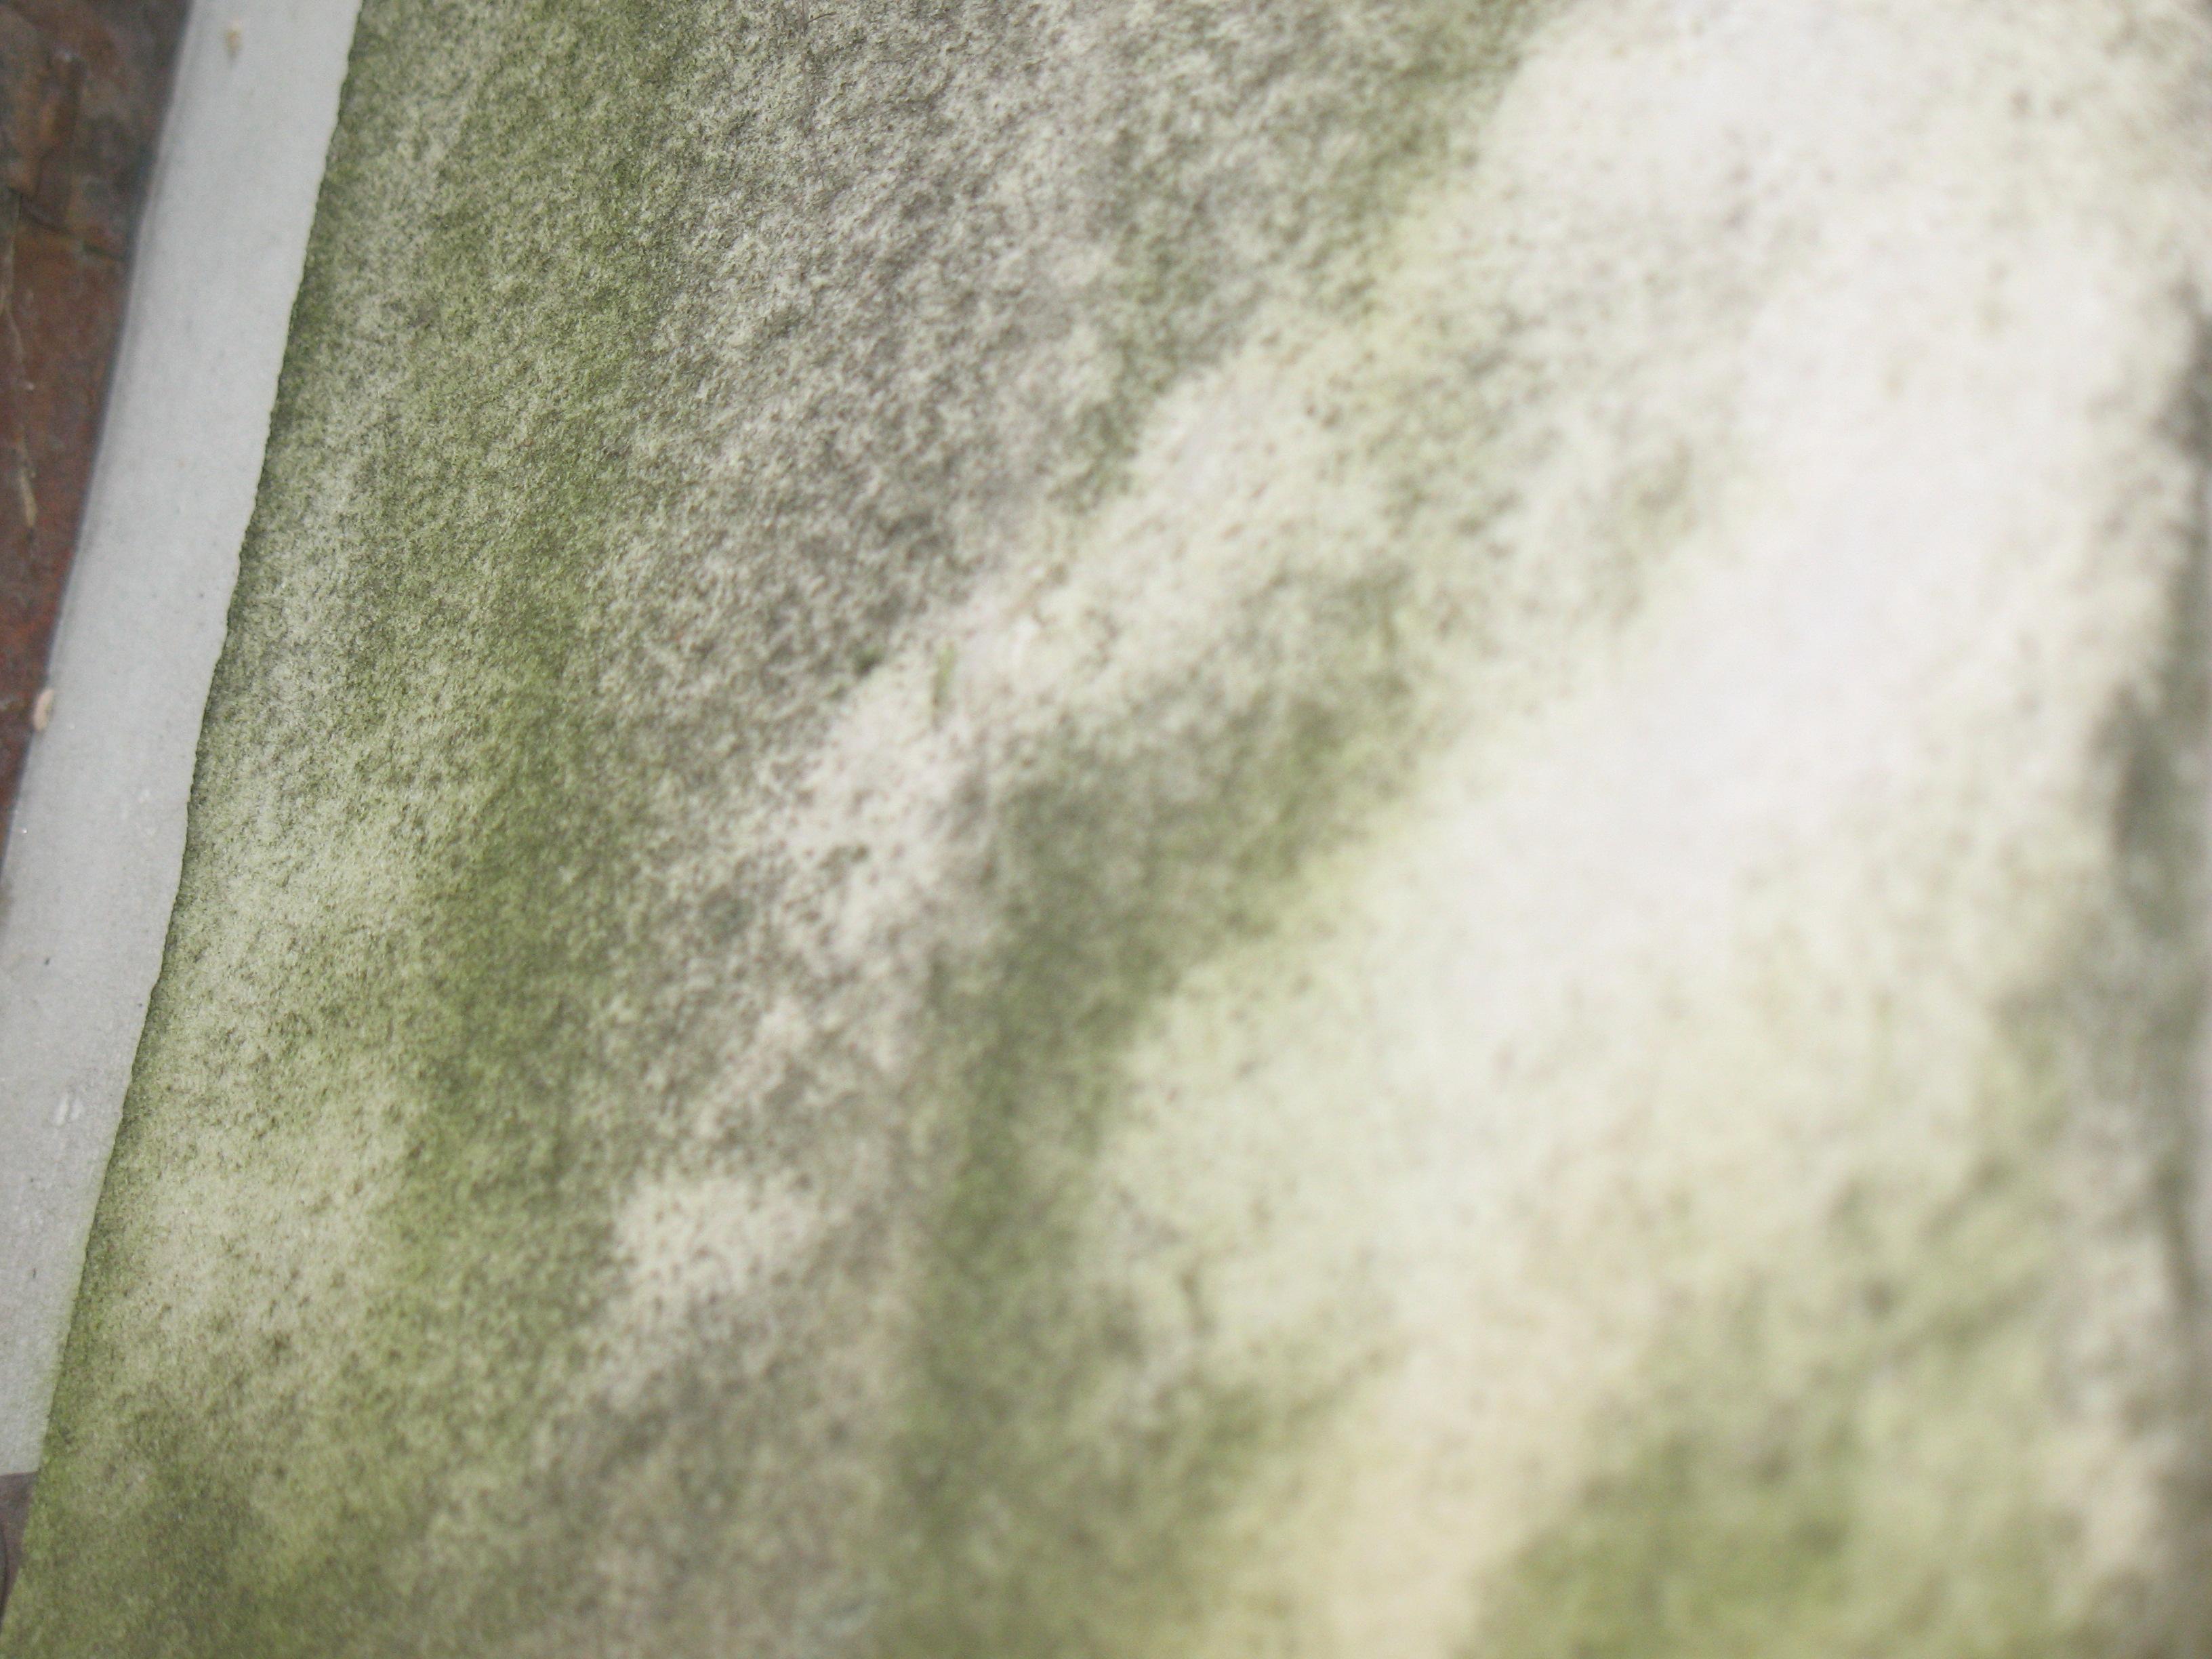 Налет водорослей и грязевые отложения на белом мраморе